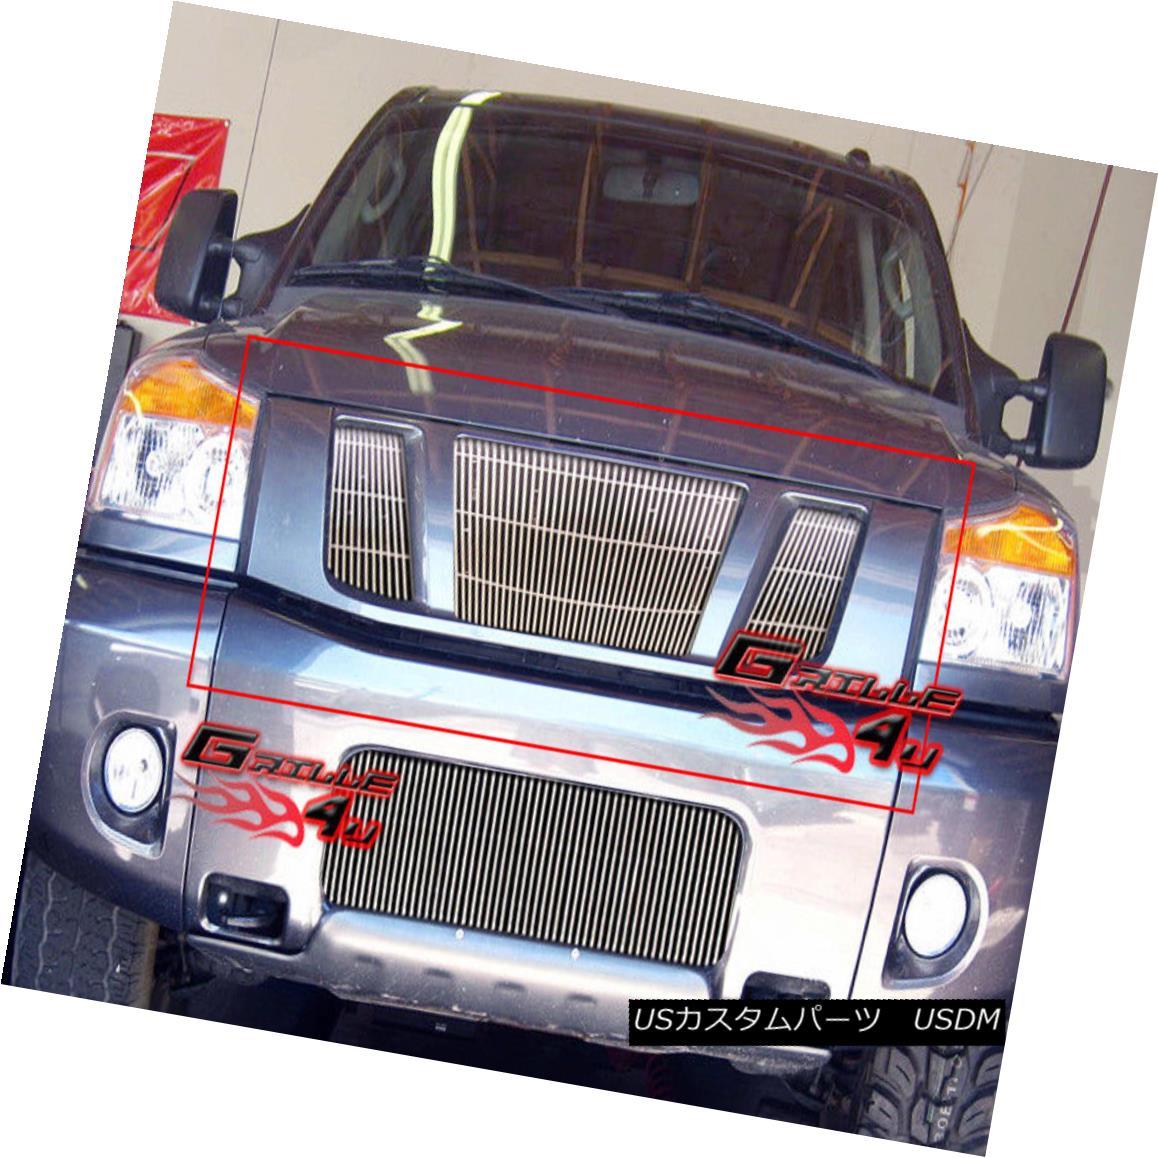 グリル Fits 2008-2015 Nissan Titan Vertical Billet Grille Insert フィット2008-2015日産タイタン垂直ビレットグリルインサート